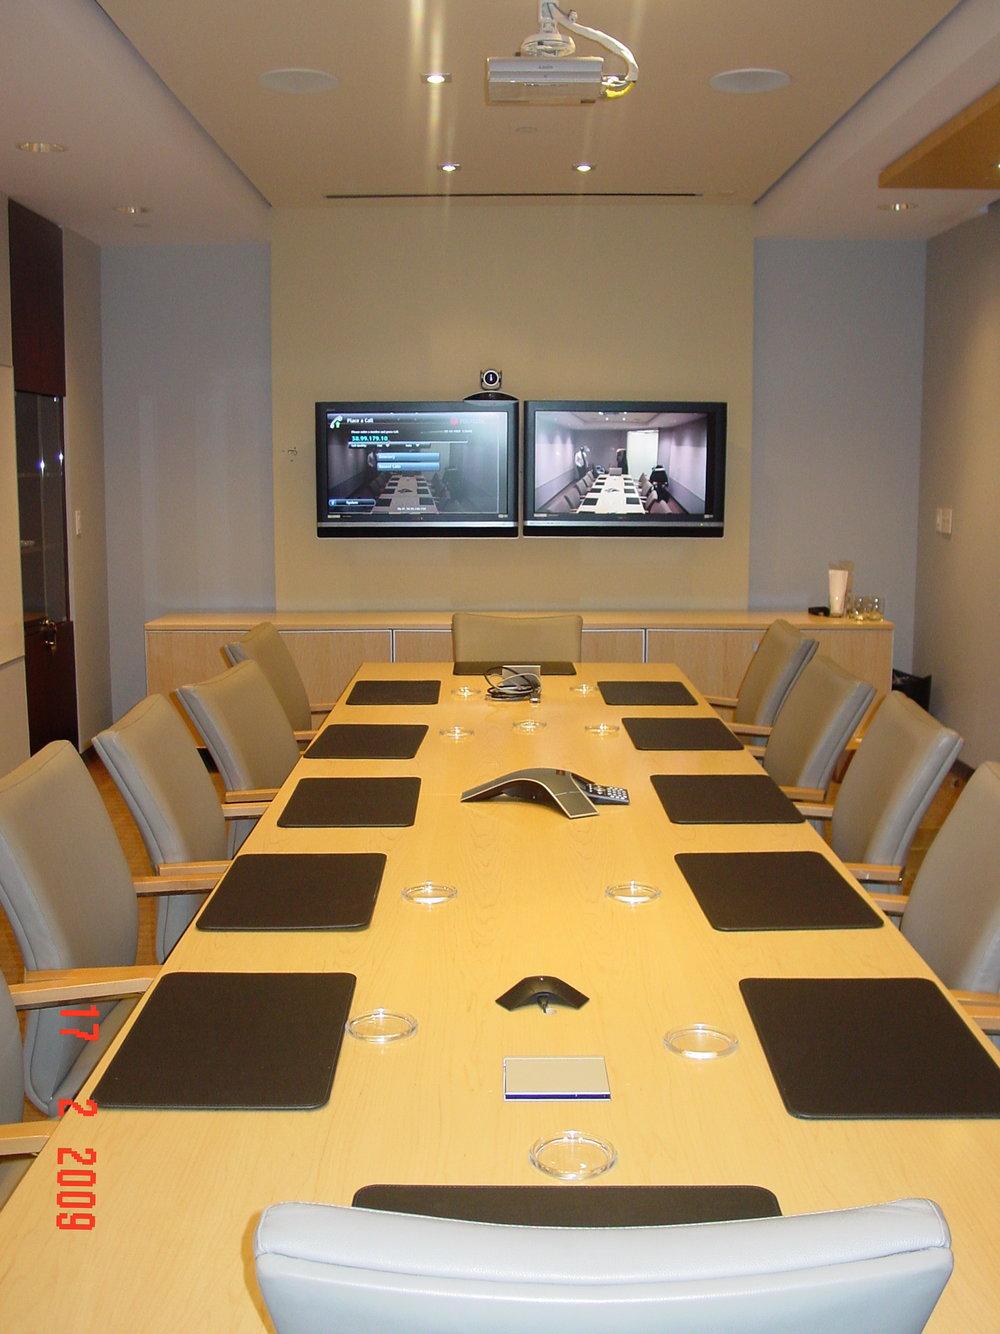 borealis boardroom.JPG